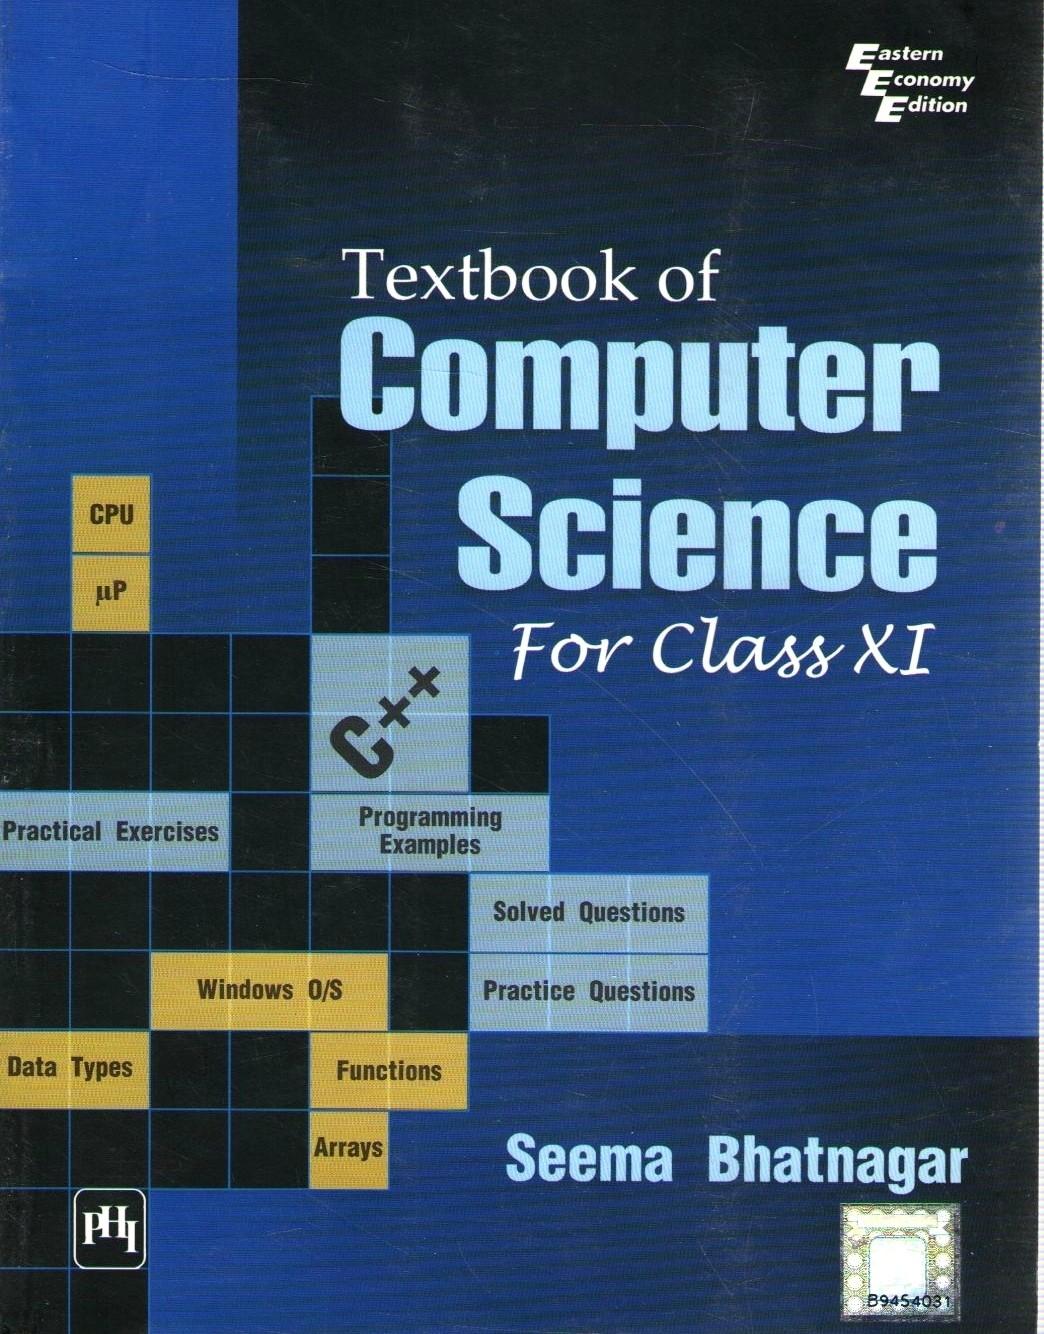 Computer Science best uy tlc